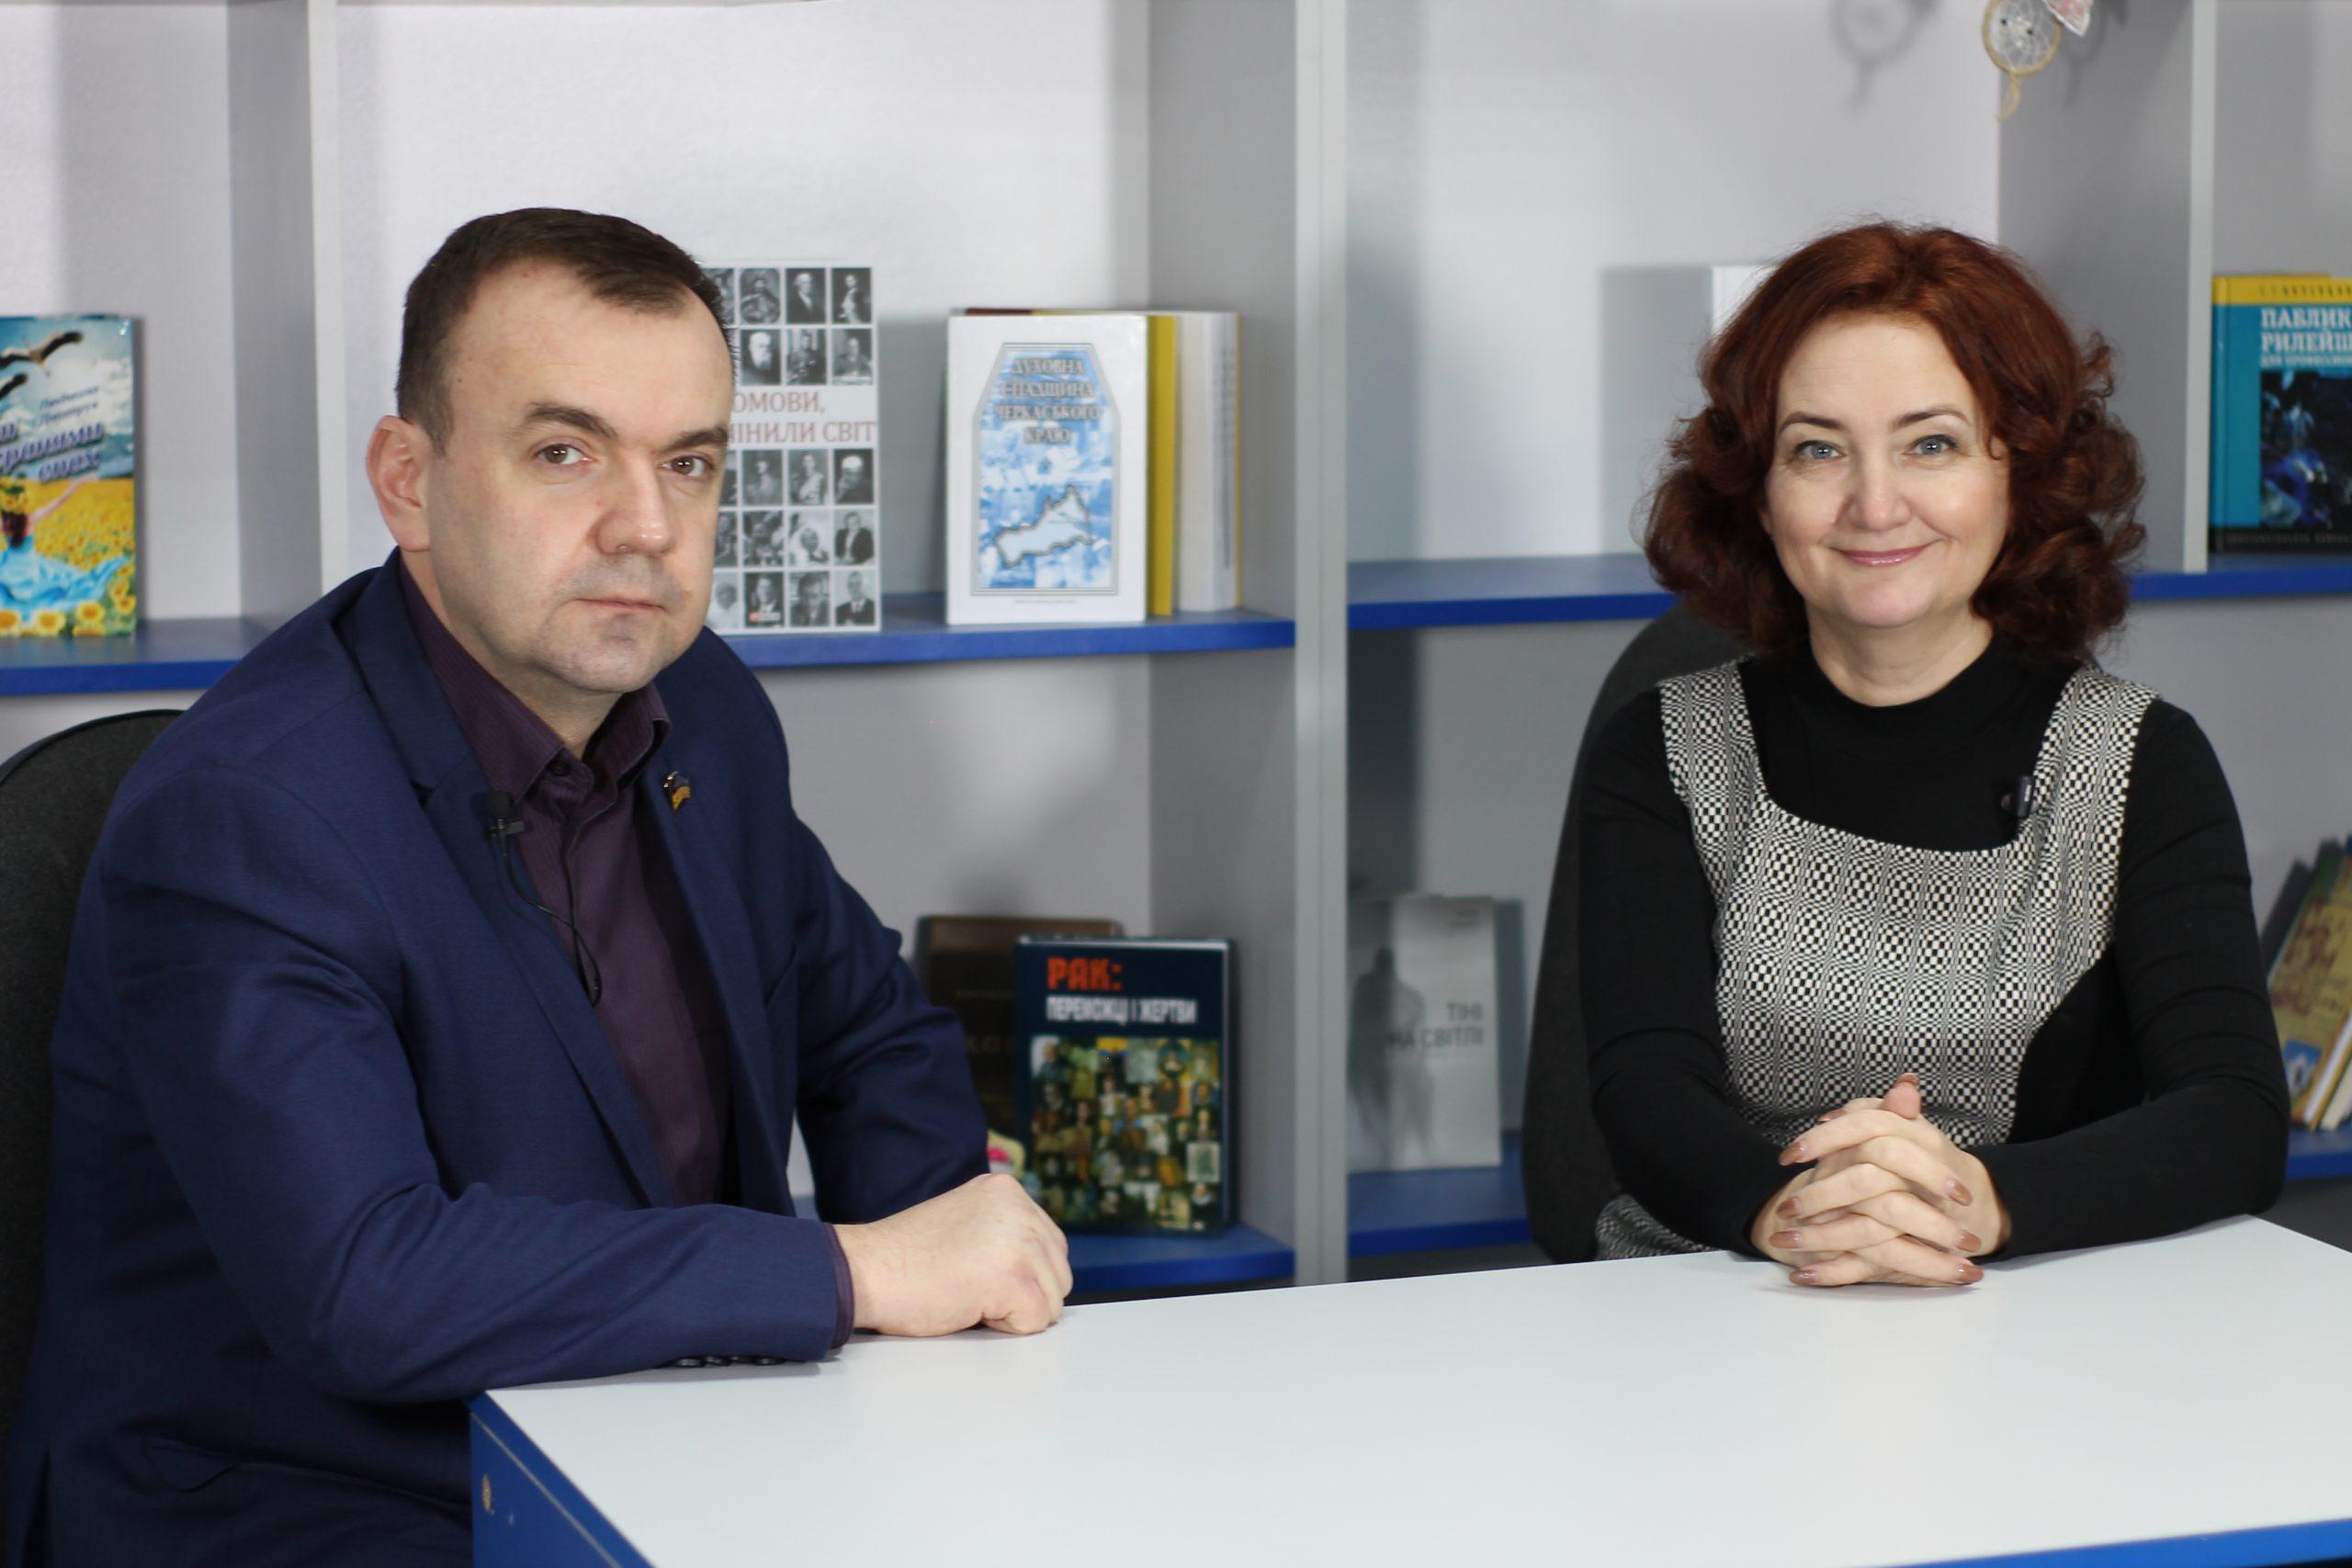 """Віталій Коваль: """"Ми вбачаємо за необхідне долучатися до тих рішень, які будуть визначати розвиток галузей в області"""" (ВІДЕО)"""